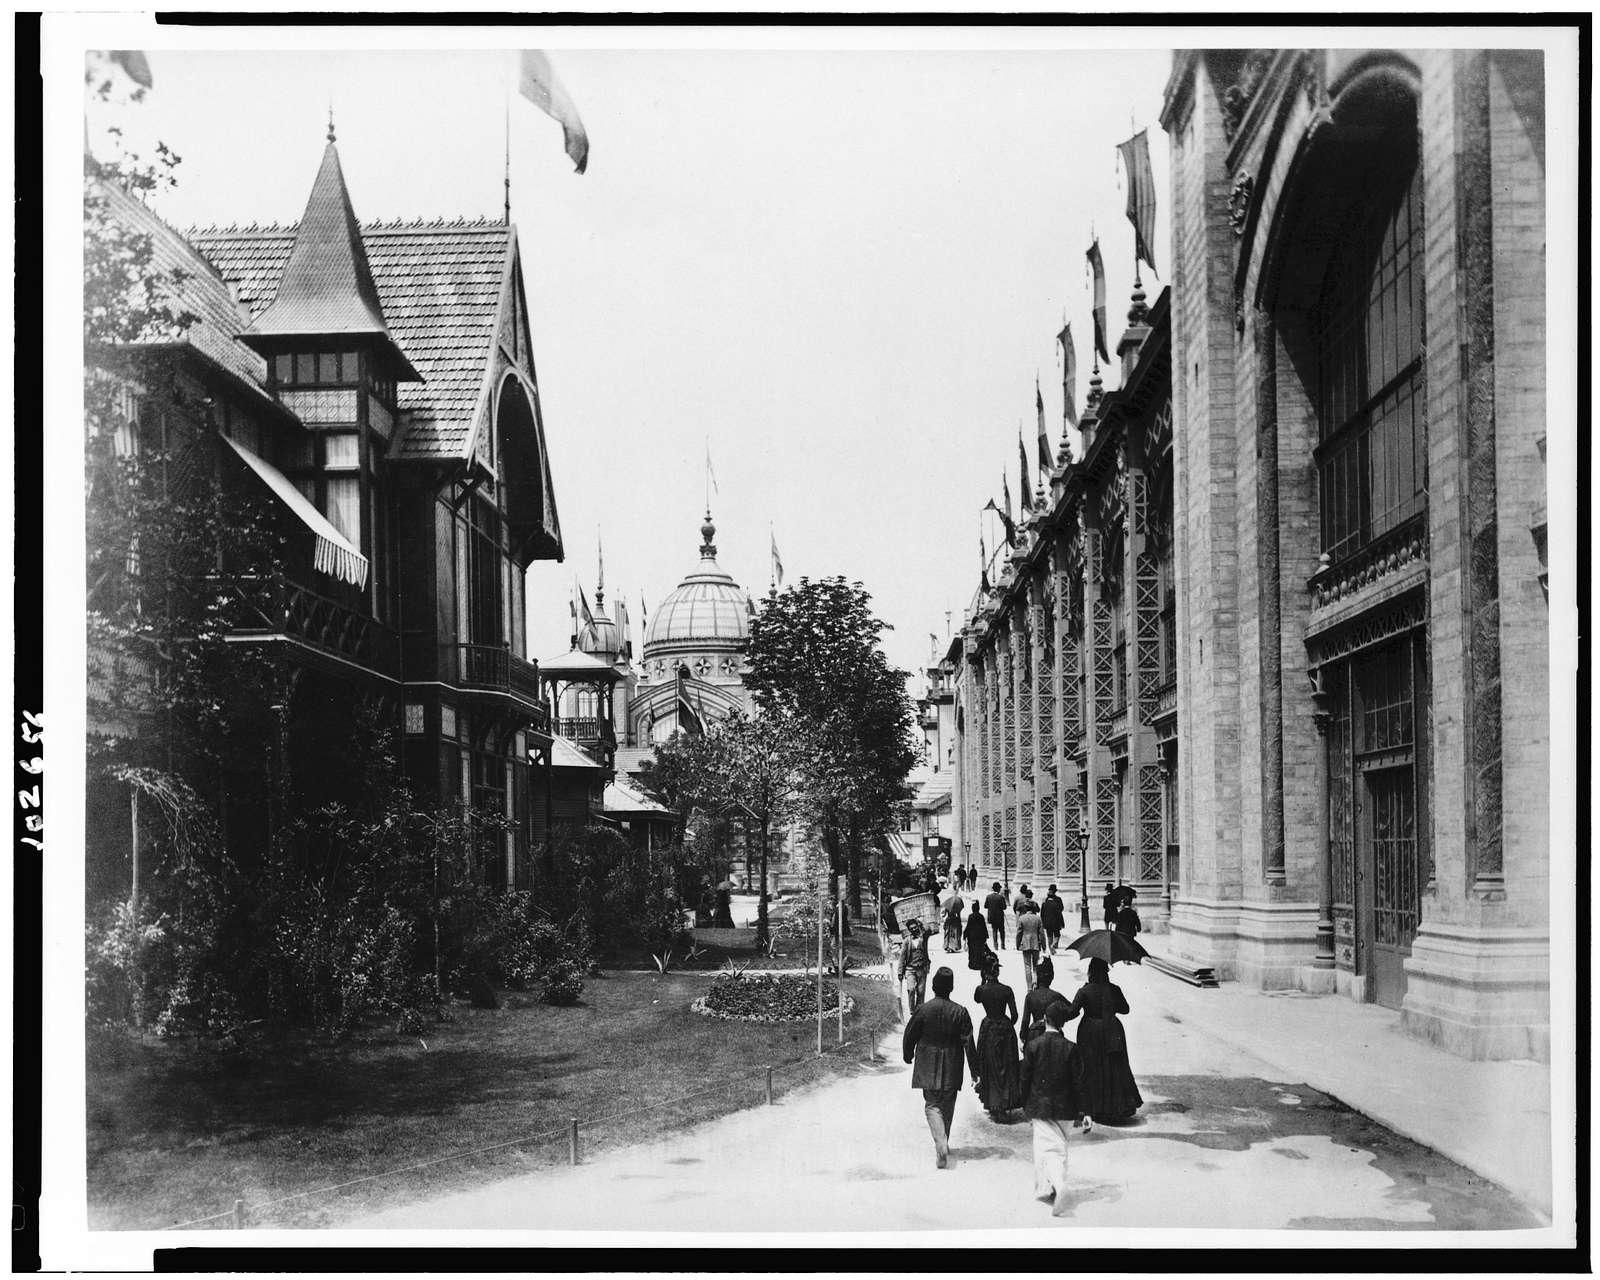 [Walkway between buildings, Paris Exposition, 1889]